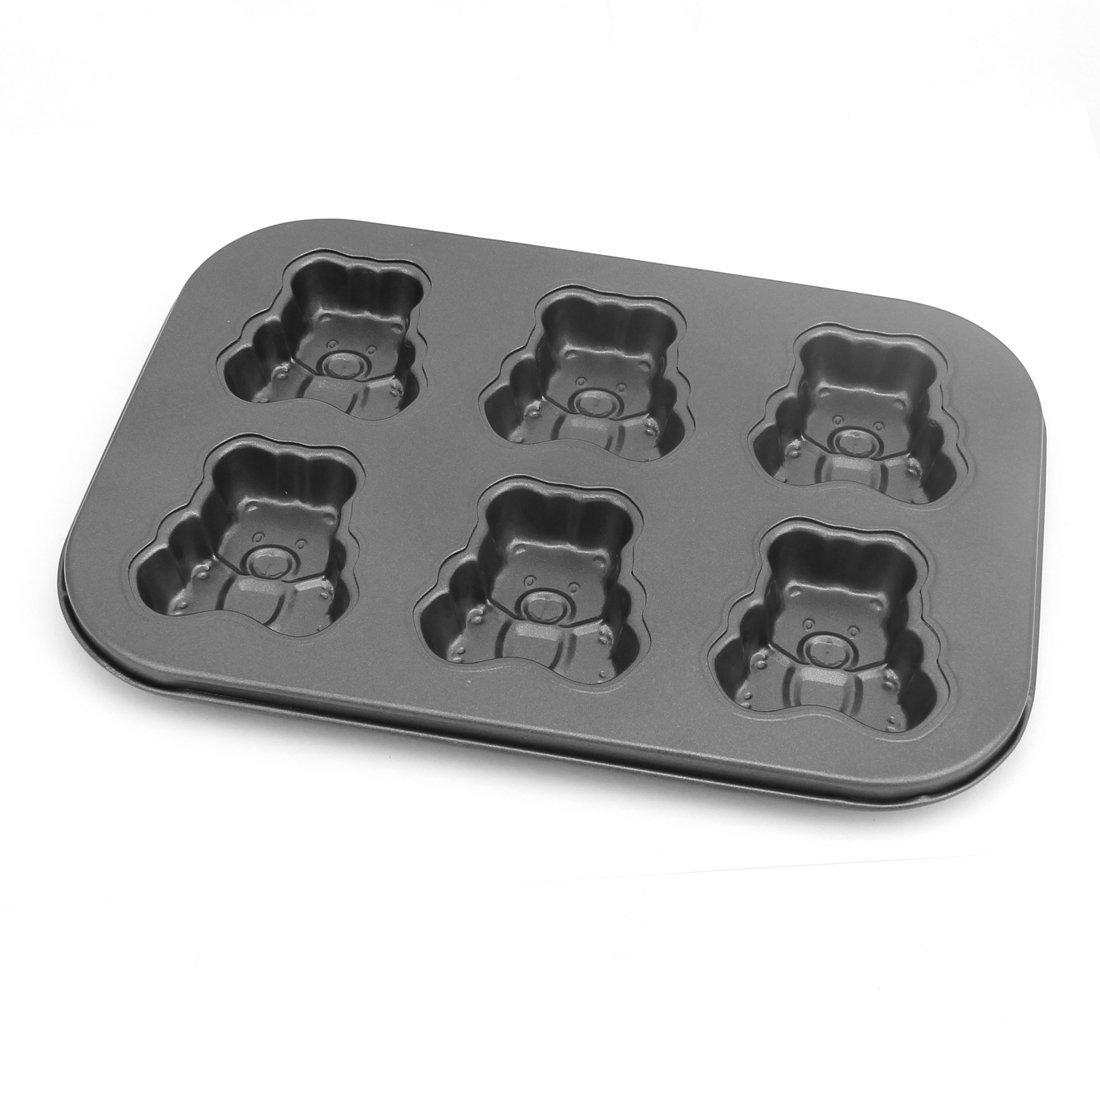 Amazon.com: Forma eDealMax metal galletas del oso de pan pastel de chocolate molde de cocción Pan-6 Cavidad: Kitchen & Dining